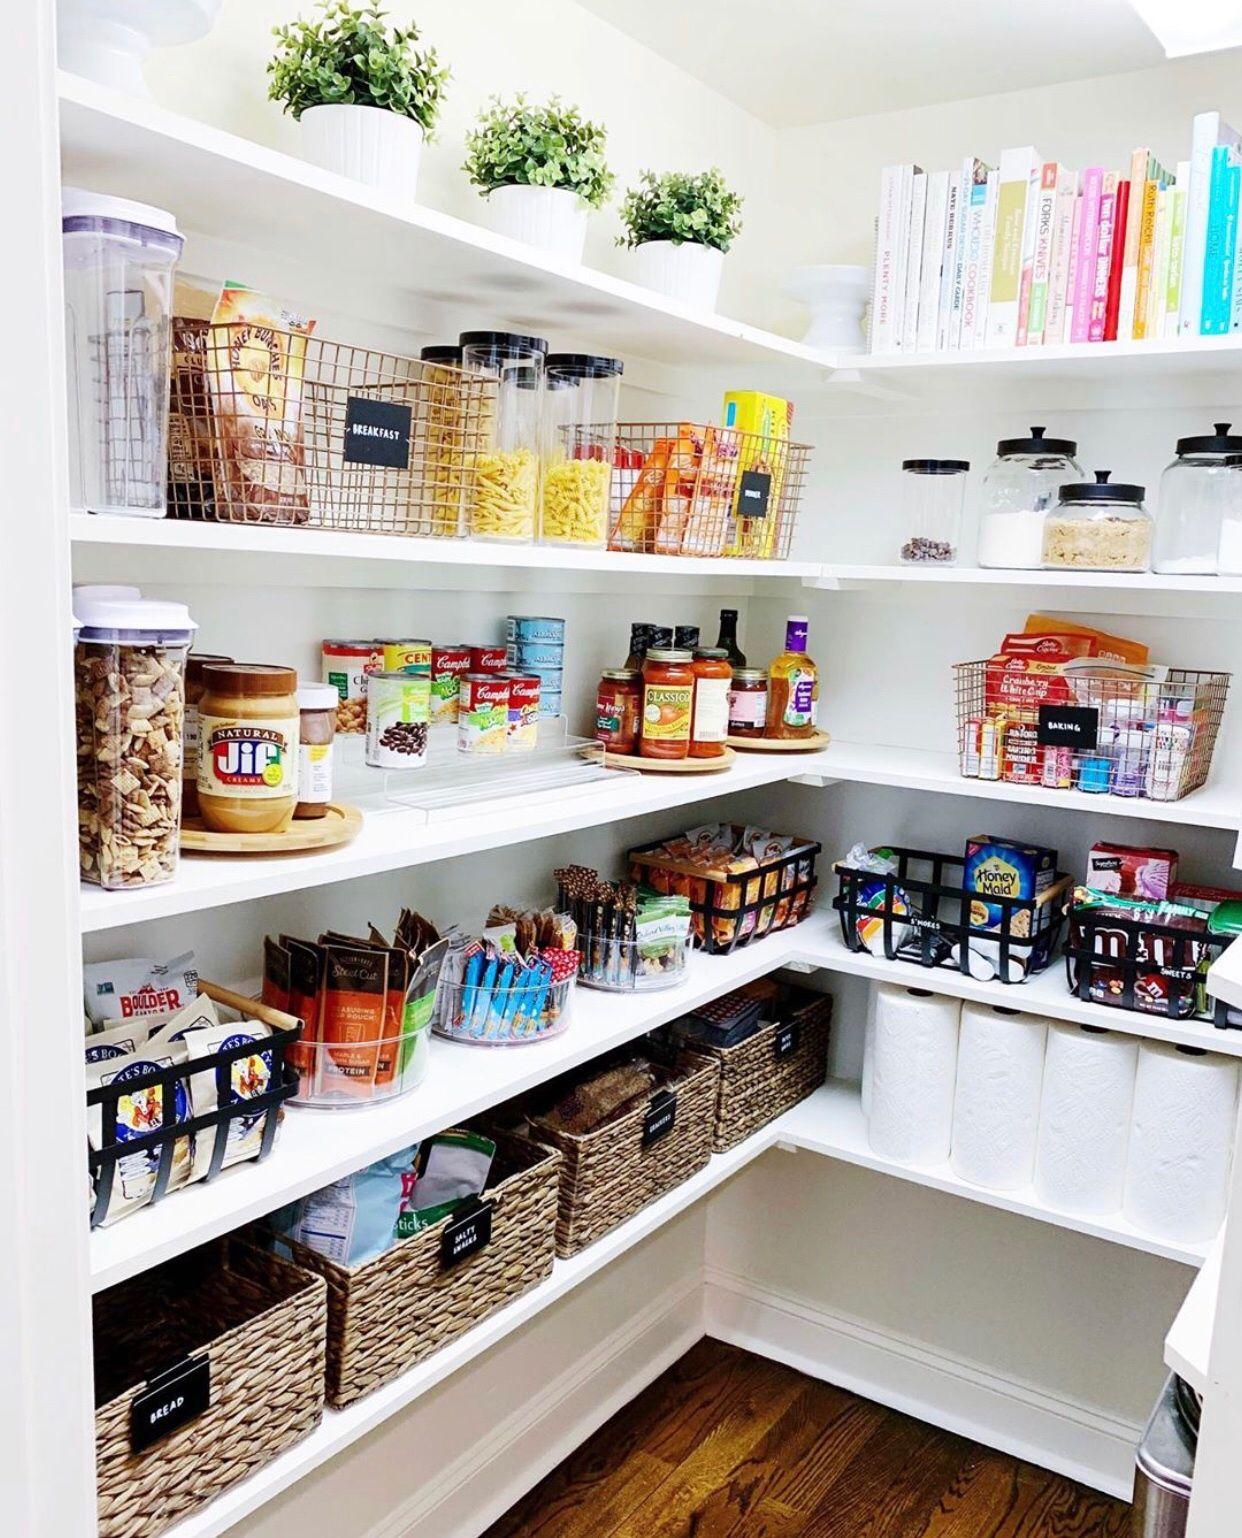 Neat Method Kitchens Kitchen Design Kitchen Inspiration Pantry Ideas Kitchen Storage Kitch Pantry Design Small Kitchen Organization Kitchen Pantry Design